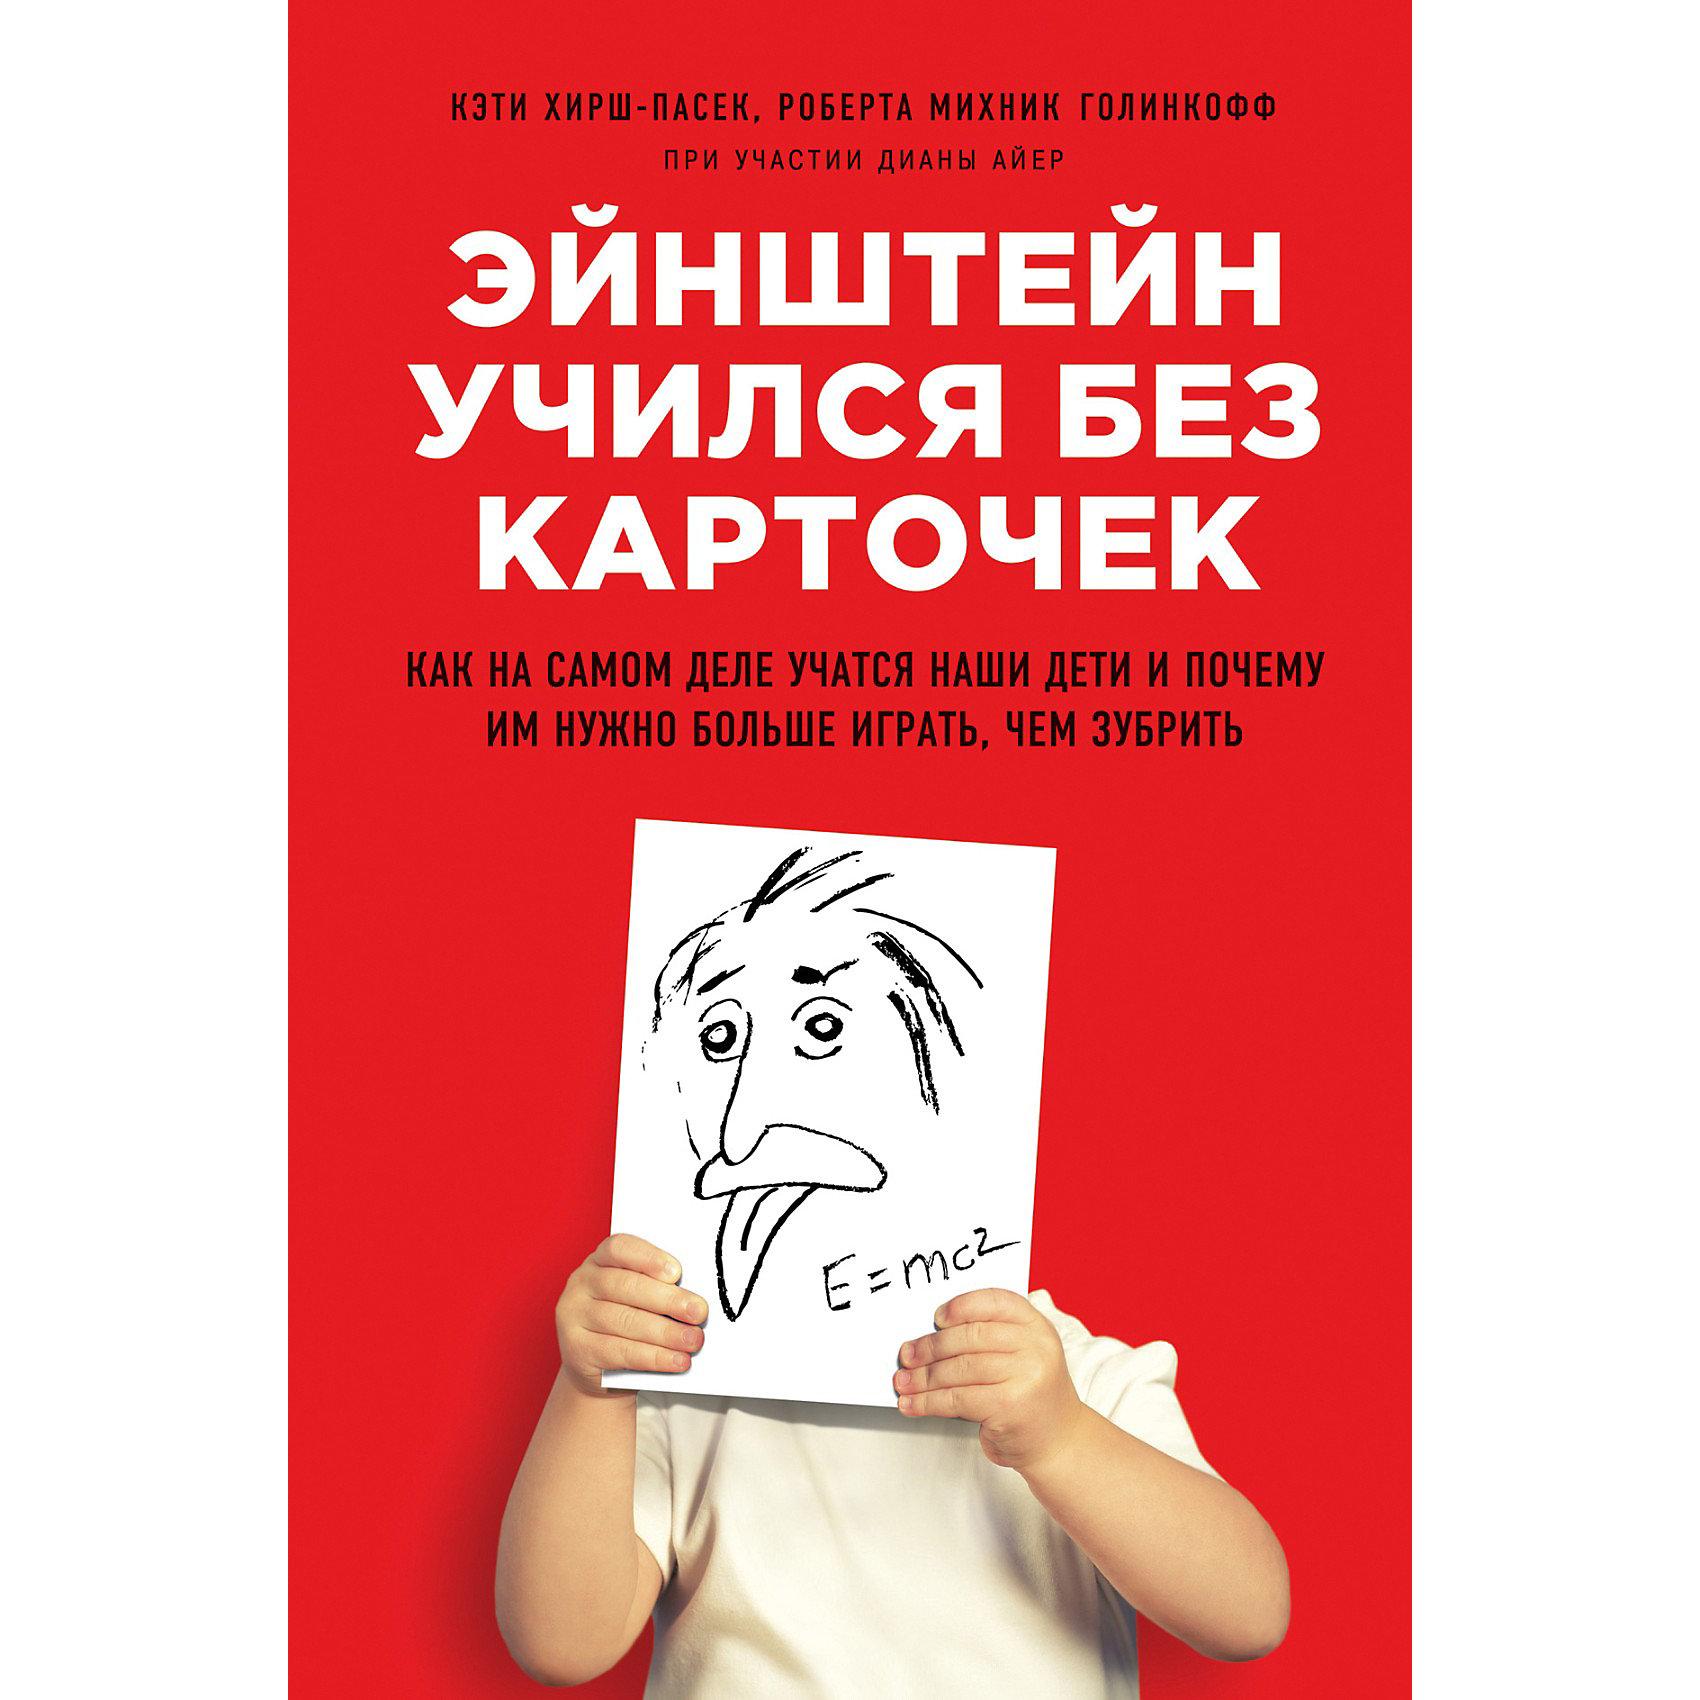 Эйнштейн учился без карточекЭйнштейн учился без карточек, Эксмо – это книга о том, как на самом деле учатся наши дети и почему им нужно больше играть, чем зубрить.<br>Сегодня ученые и специалисты по развитию детей пришли к однозначному выводу: игра – это наилучший способ обучения ребенка, и никакие развивающие программы и пособия его не заменят. В этой книге приведено много интересных фактов как работает мозг ребенка, и каким образом на самом деле происходит усвоение новых знаний. Но в первую очередь перед вами - великолепное практическое руководство по обучению малышей от 0 до 6 лет с помощью остроумных, простых, не требующих материальных затрат игровых упражнений по развитию речи, навыков чтения и счета, социальных навыков, самосознания и эмоционального интеллекта. Вы узнаете, как прекрасно может учиться ребенок, не усиленно зубря, а весело играя. Вам не придется напрягаться, заставляя малыша заниматься, потому что ему будет не скучно, а интересно. У вас не возникнет проблем со школой, потому что вы всесторонне подготовите ребенка к учебе и поможете ему приобрести качества, необходимые для долгосрочного успеха.<br><br>Дополнительная информация:<br><br>- Авторы: Хирш-Пасек Кэти, Голинкофф Роберта, Айер Дайана<br>- Переводчик: Мельник Элеонора<br>- Редактор: Пискарева К.<br>- Издательство: Эксмо<br>- Серия: Психология. Бестселлер для родителей<br>- Тип обложки: 7Б - твердая (плотная бумага или картон)<br>- Оформление: ляссе<br>- Иллюстрации: без иллюстраций<br>- Страниц: 464 (офсет)<br>- Размеры: 219x145x28 мм.<br>- Вес: 654 гр.<br><br>Книгу «Эйнштейн учился без карточек», Эксмо можно купить в нашем интернет-магазине.<br><br>Ширина мм: 212<br>Глубина мм: 138<br>Высота мм: 28<br>Вес г: 682<br>Возраст от месяцев: 216<br>Возраст до месяцев: 480<br>Пол: Унисекс<br>Возраст: Детский<br>SKU: 3756283